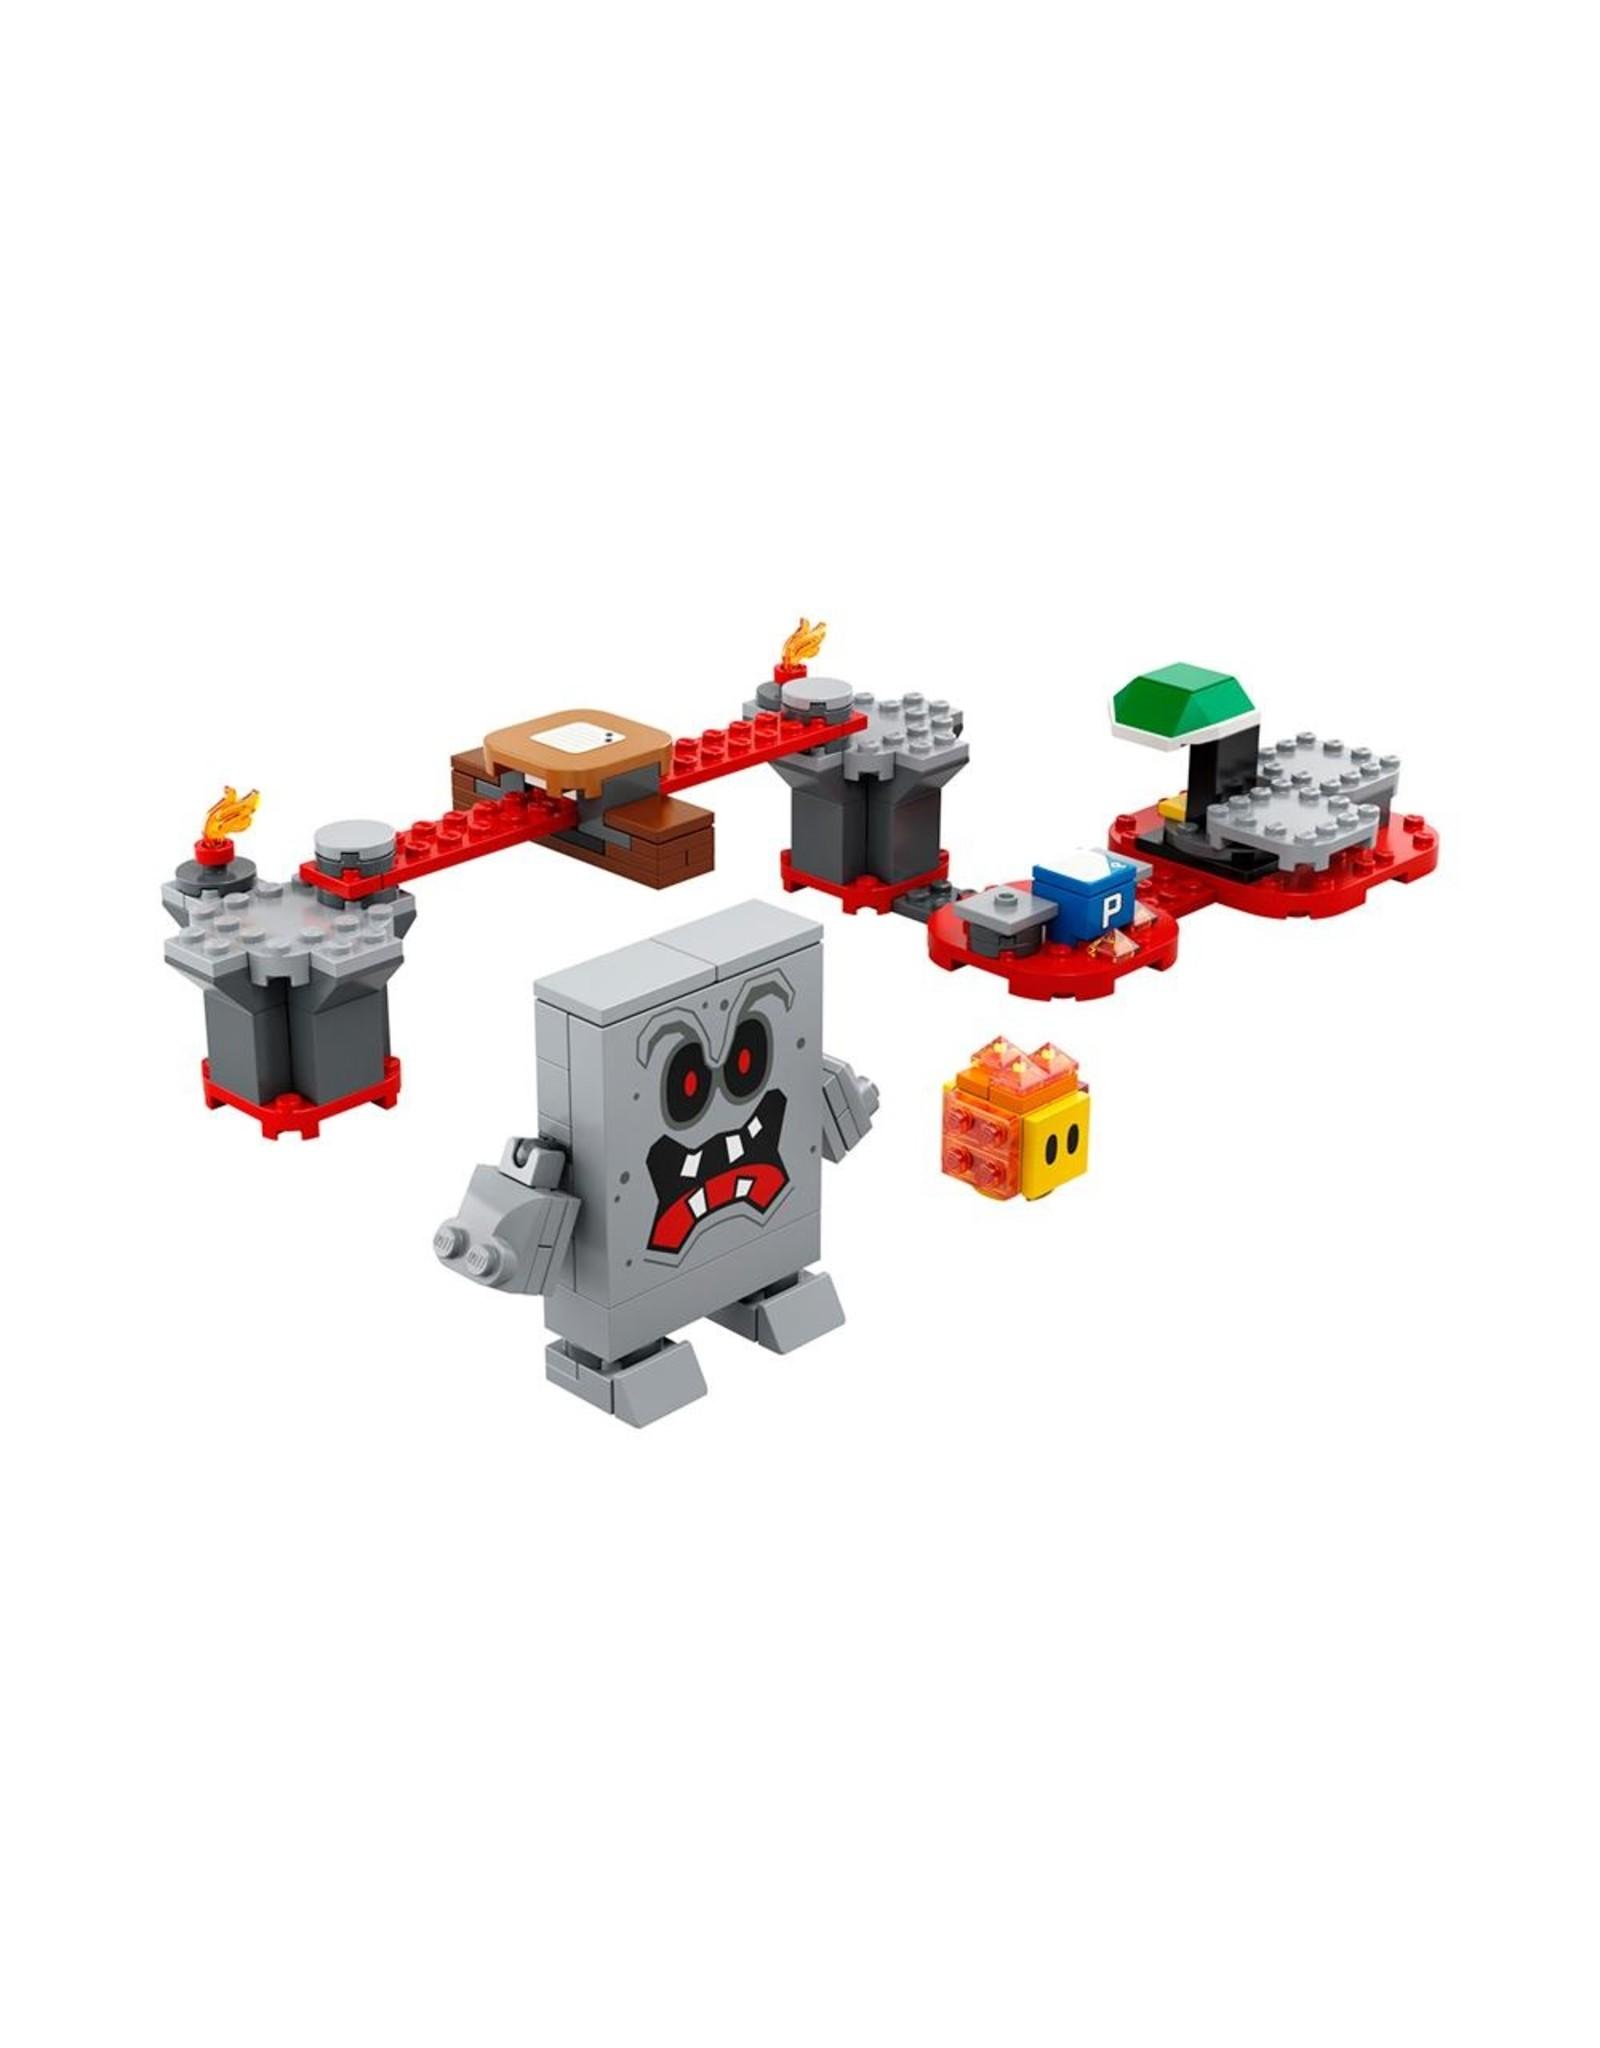 LEGO Super Mario - 71364 - Whomp's Lava Trouble Expansion Set